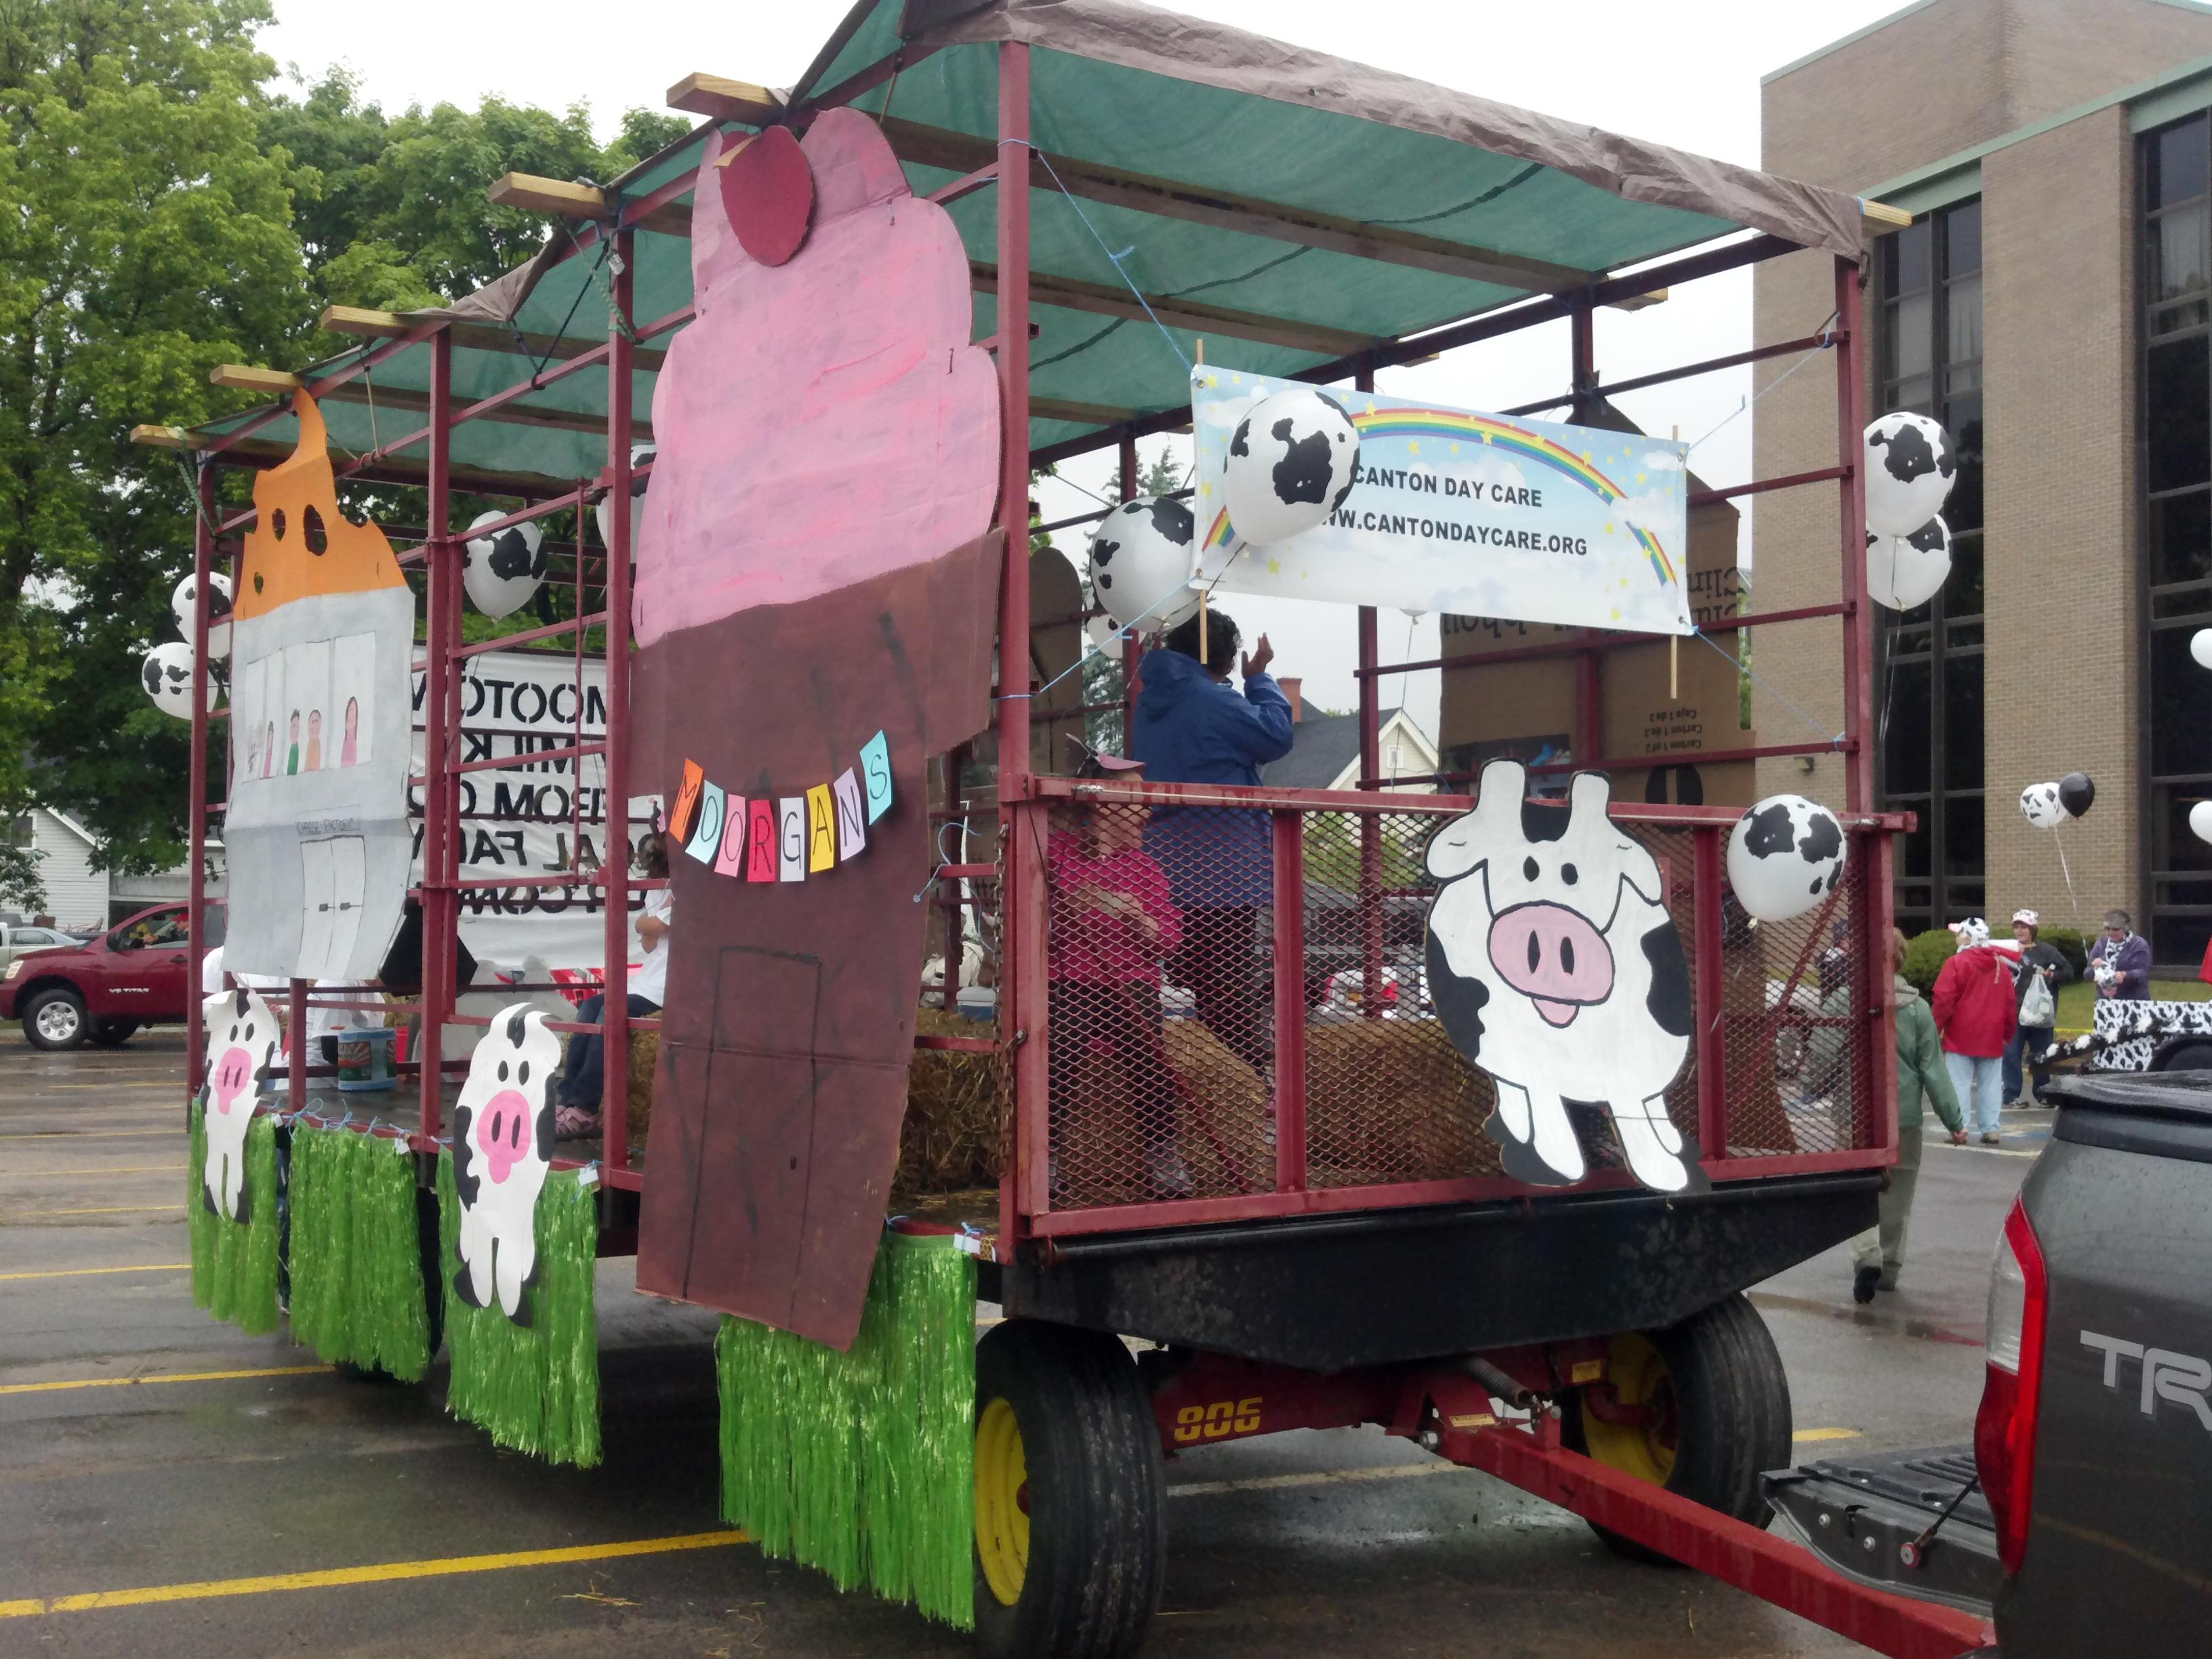 Dairy princess parade float canton day care center inc for Princess float ideas